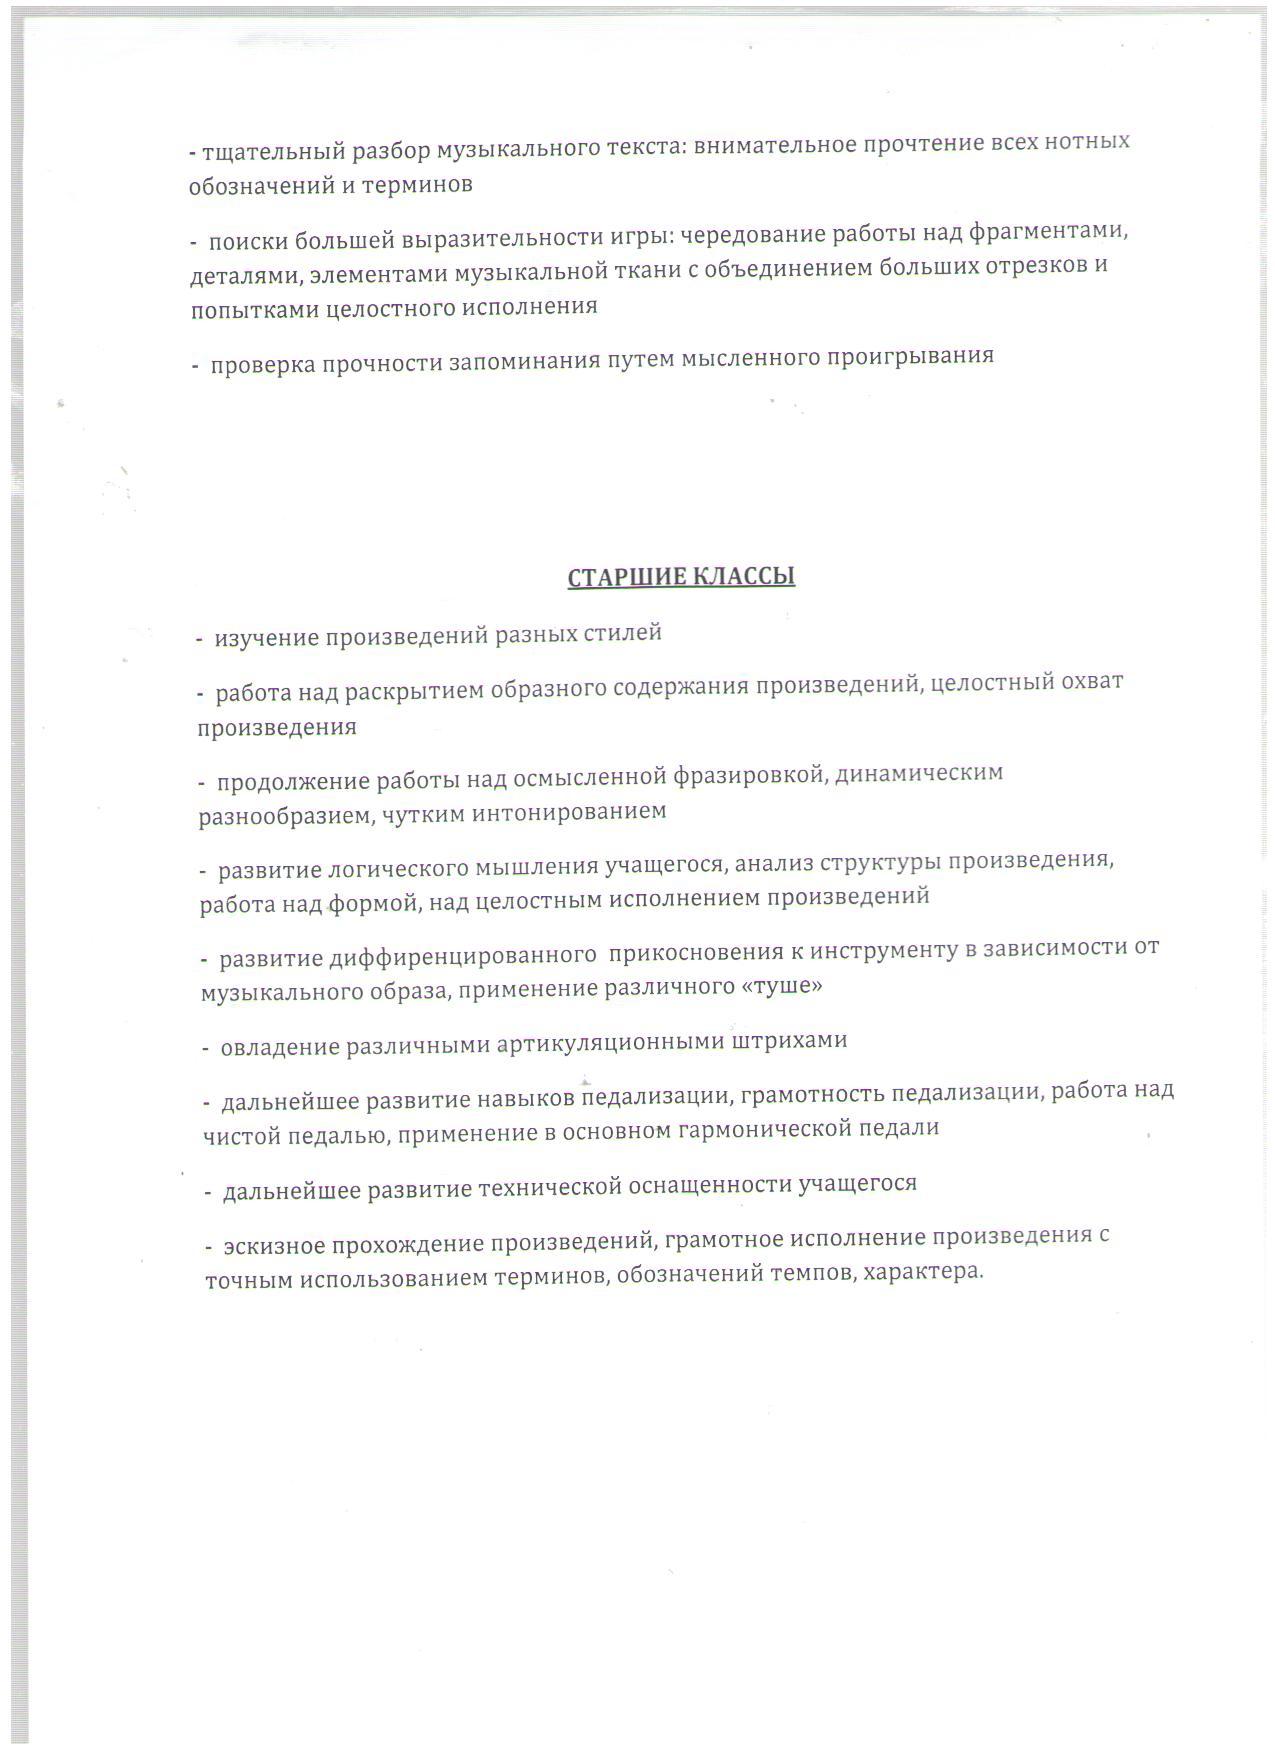 C:\Users\Нина\Desktop\Пономарева11\метод рекоменд 4.1 2 007.jpg